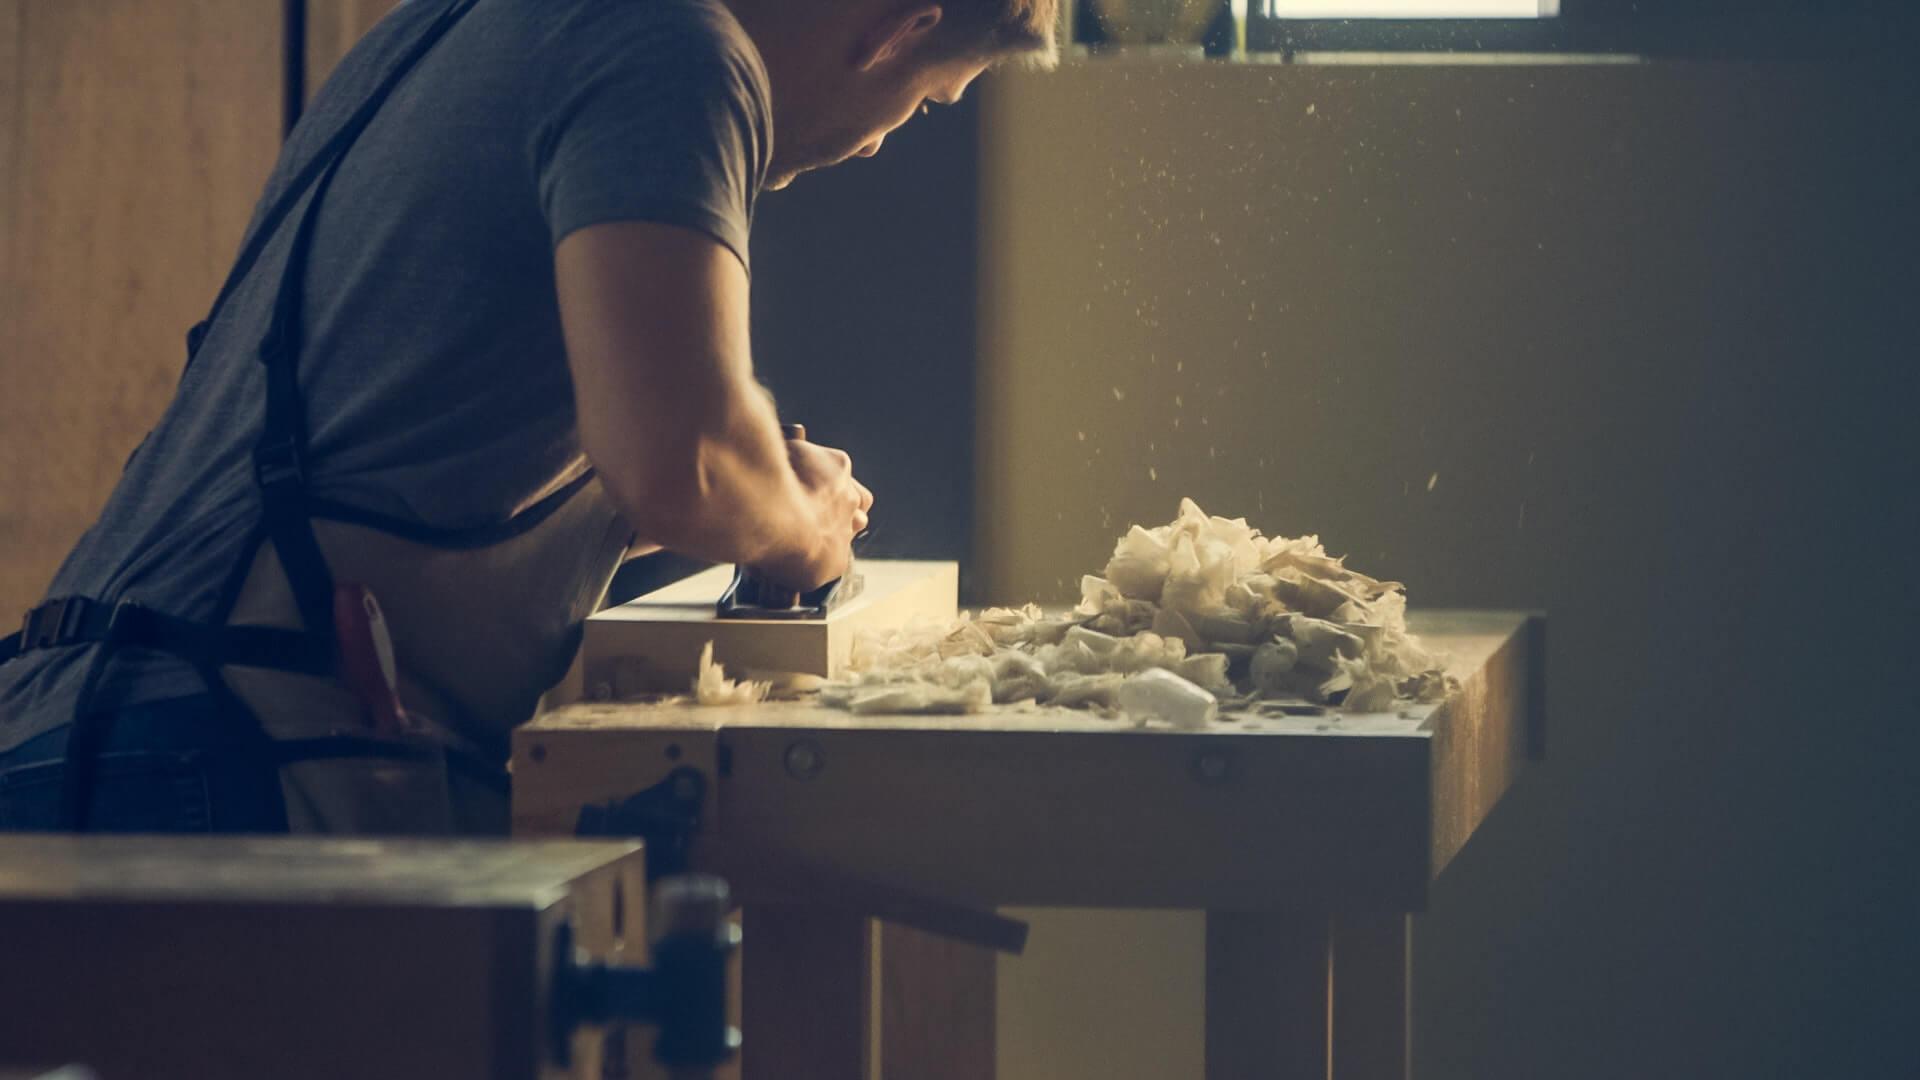 Tømrer København, lokal tømrerfirma